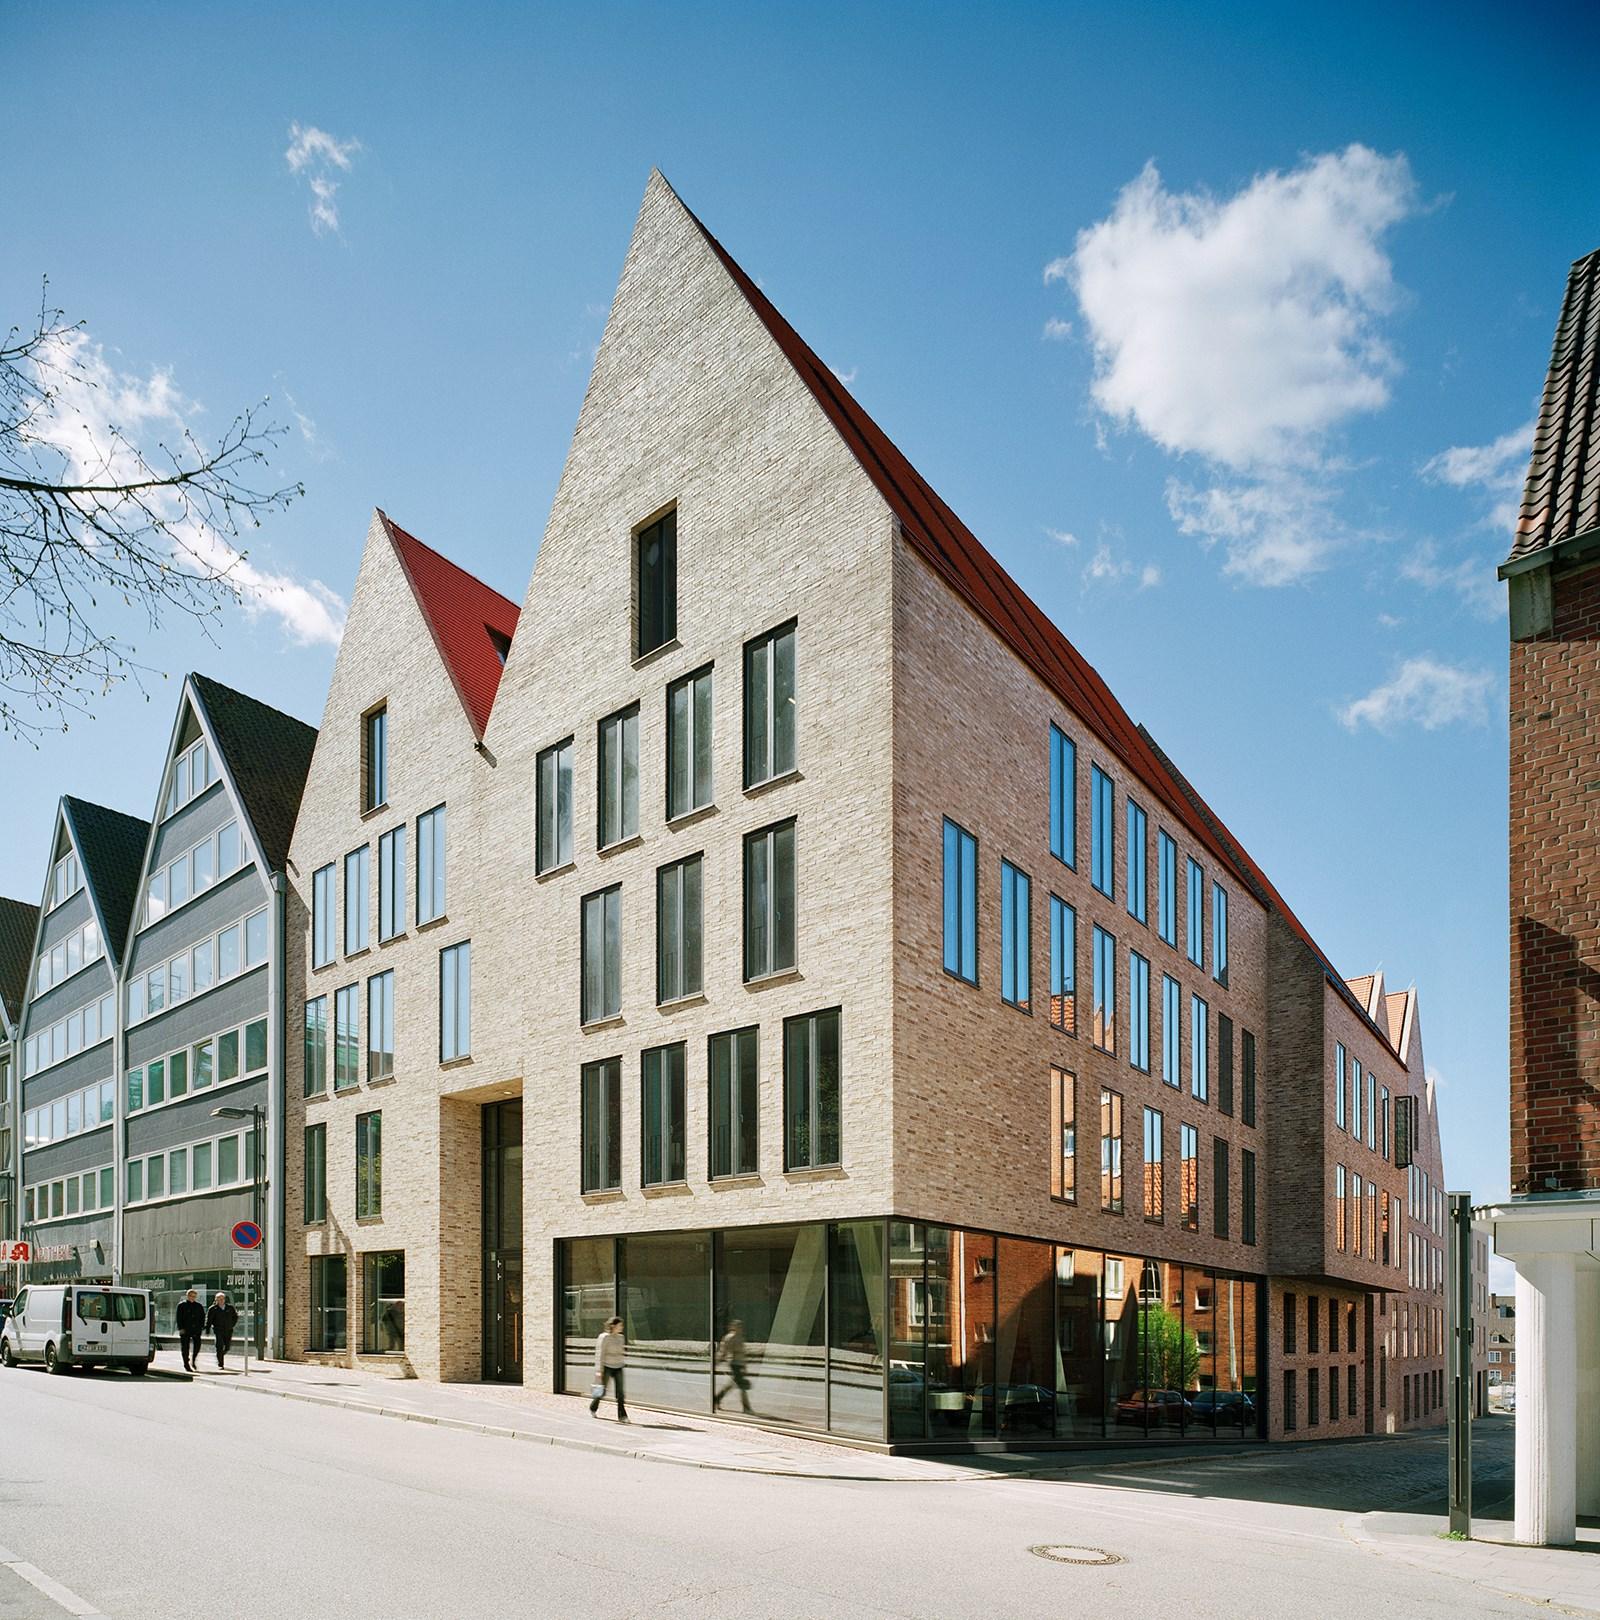 Moderne fenster außen  Ulrich Gabler Haus, Lübeck